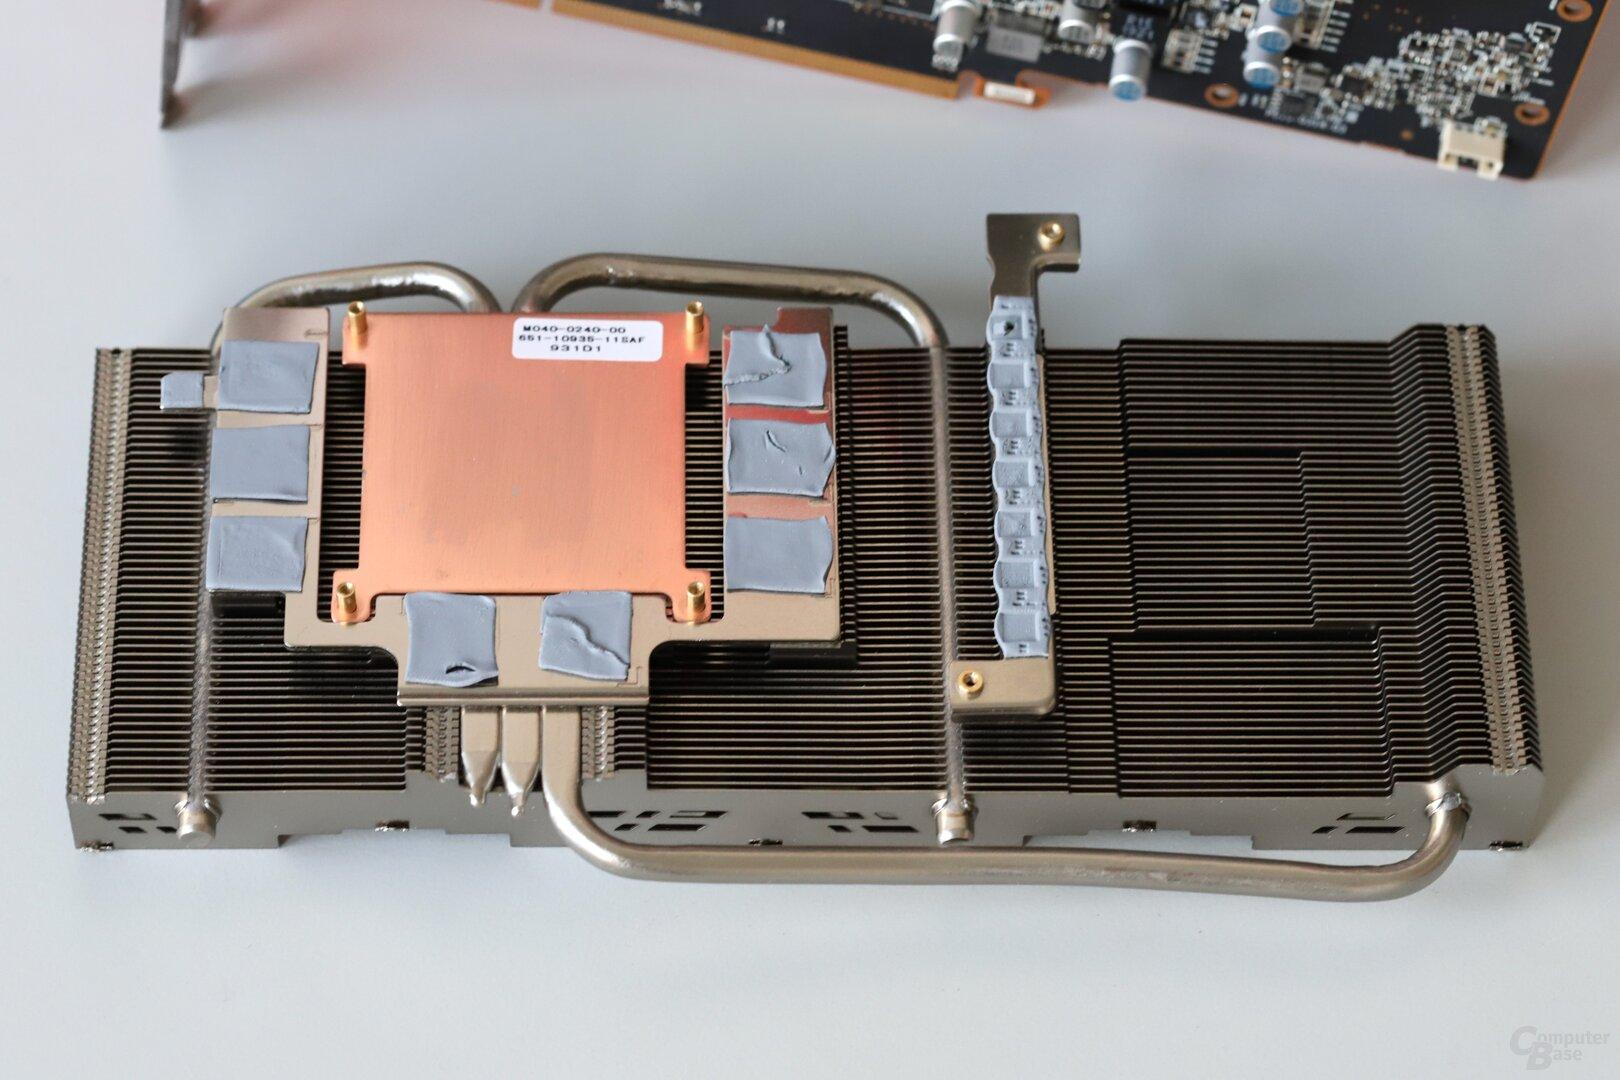 Das Kühlsystem der Non-XT-Version mit Kupferbodenplatte und drei Heatpipes